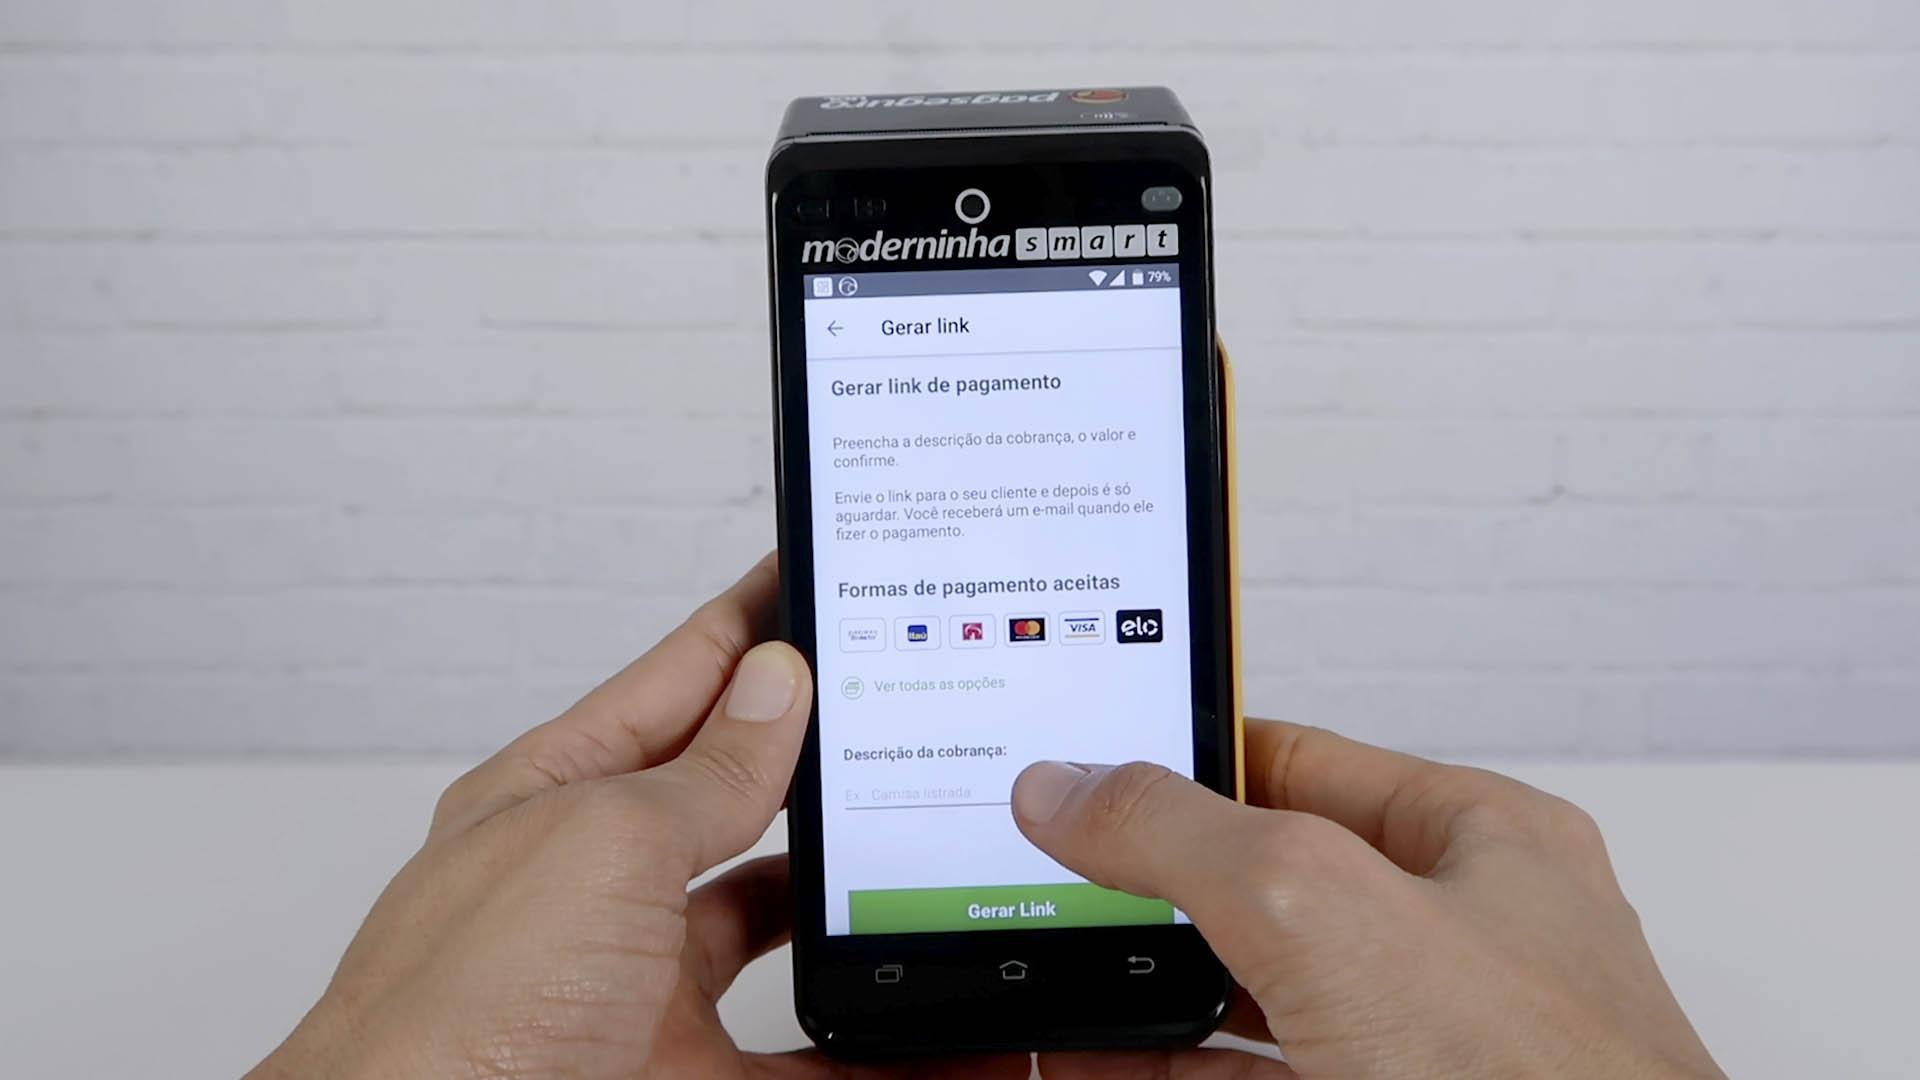 link de pagamento máquina de cartão moderninha smart